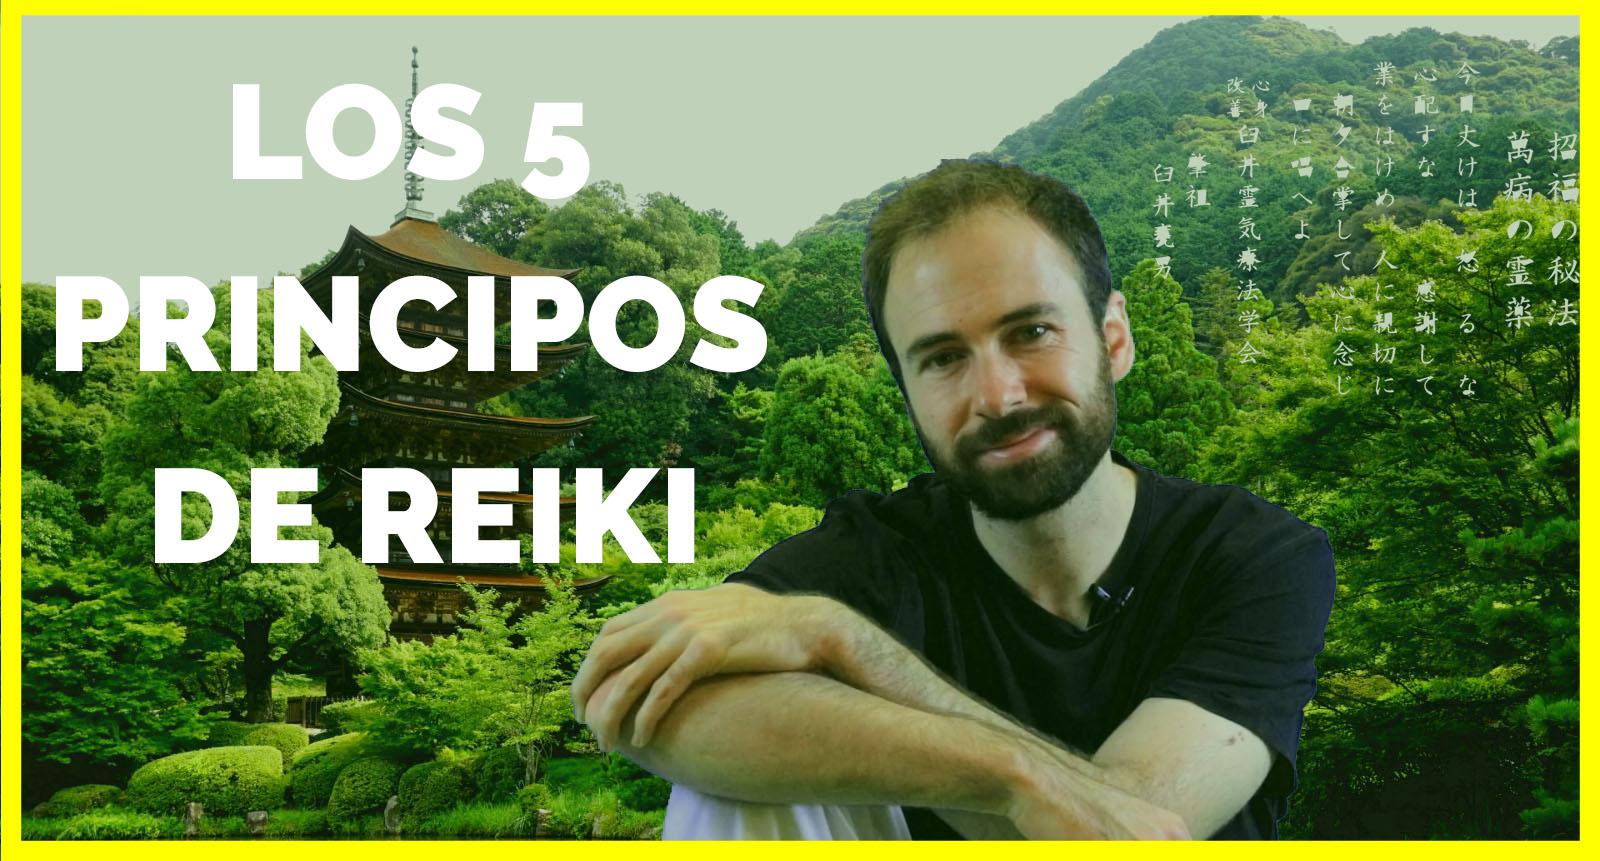 Los 5 principios de REIKI